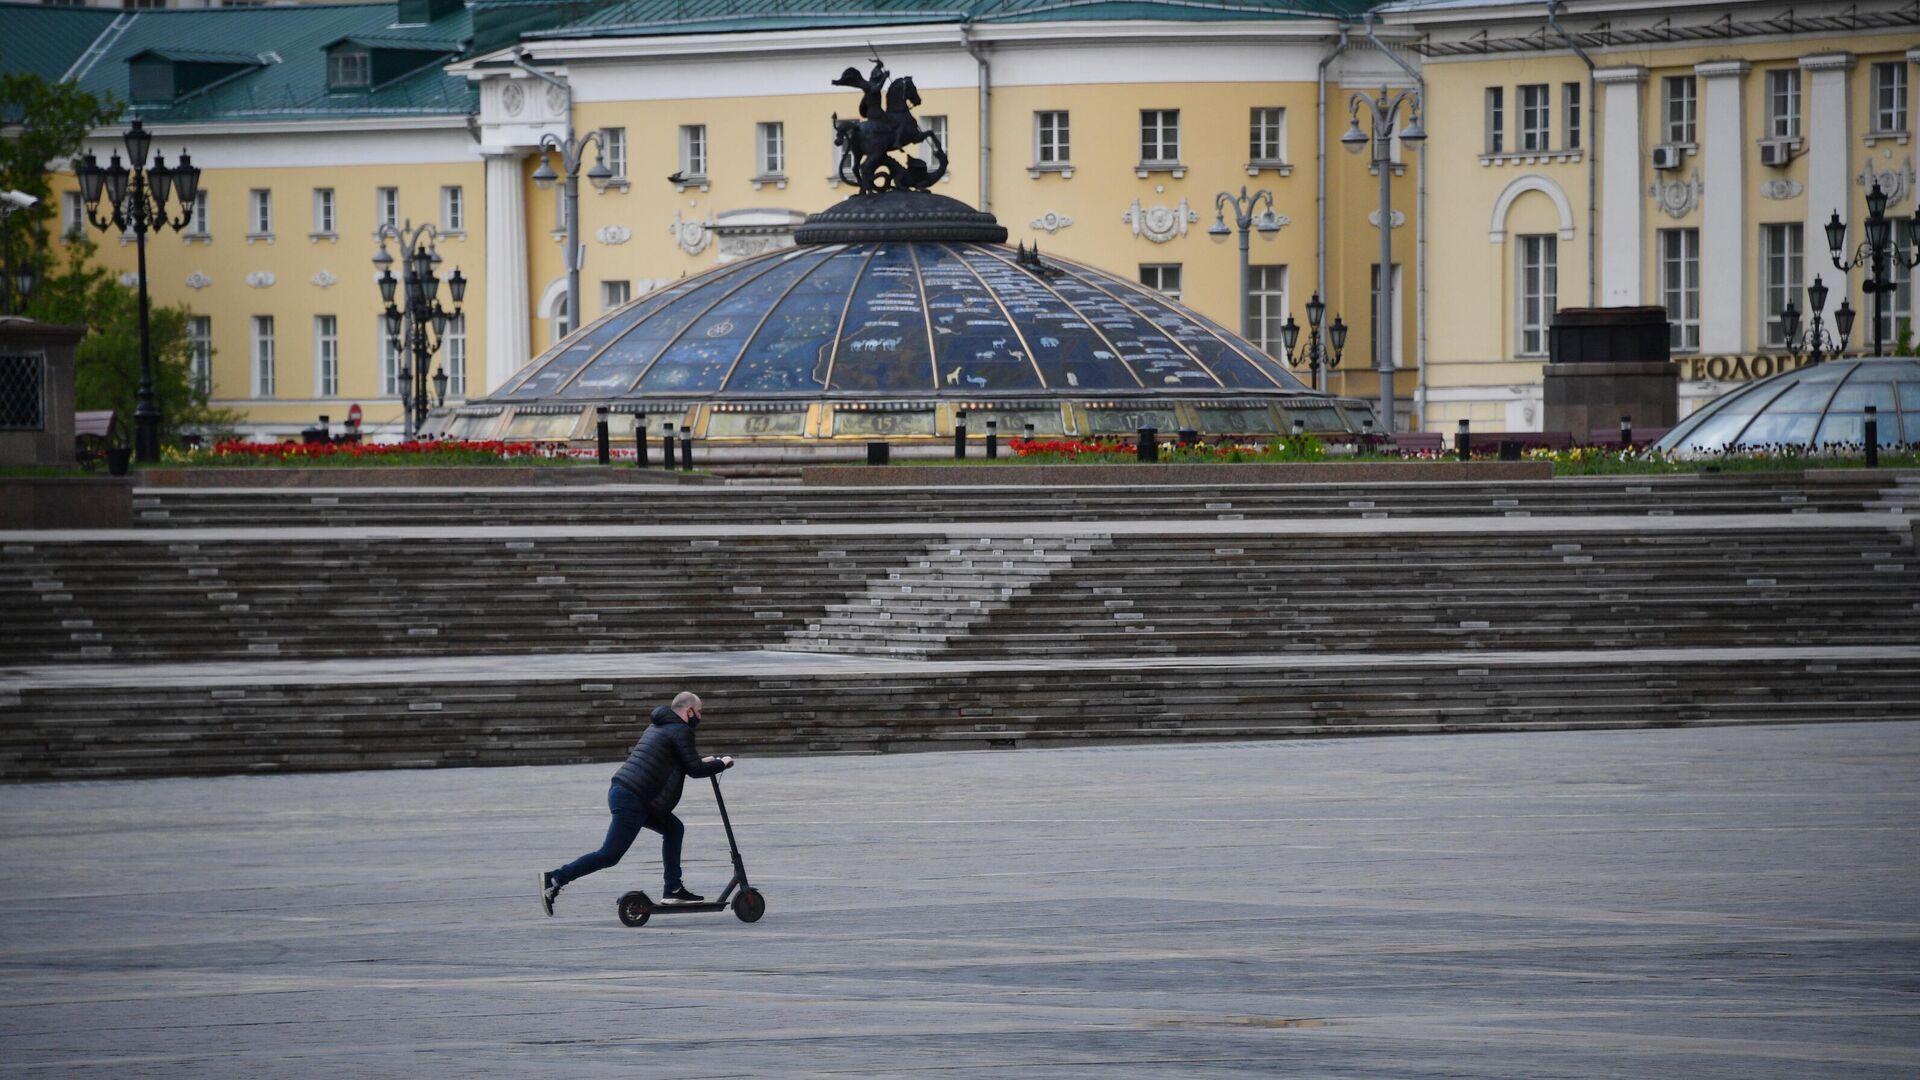 Мужчина едет на электросамокате по Манежной площади в Москве - РИА Новости, 1920, 10.06.2021